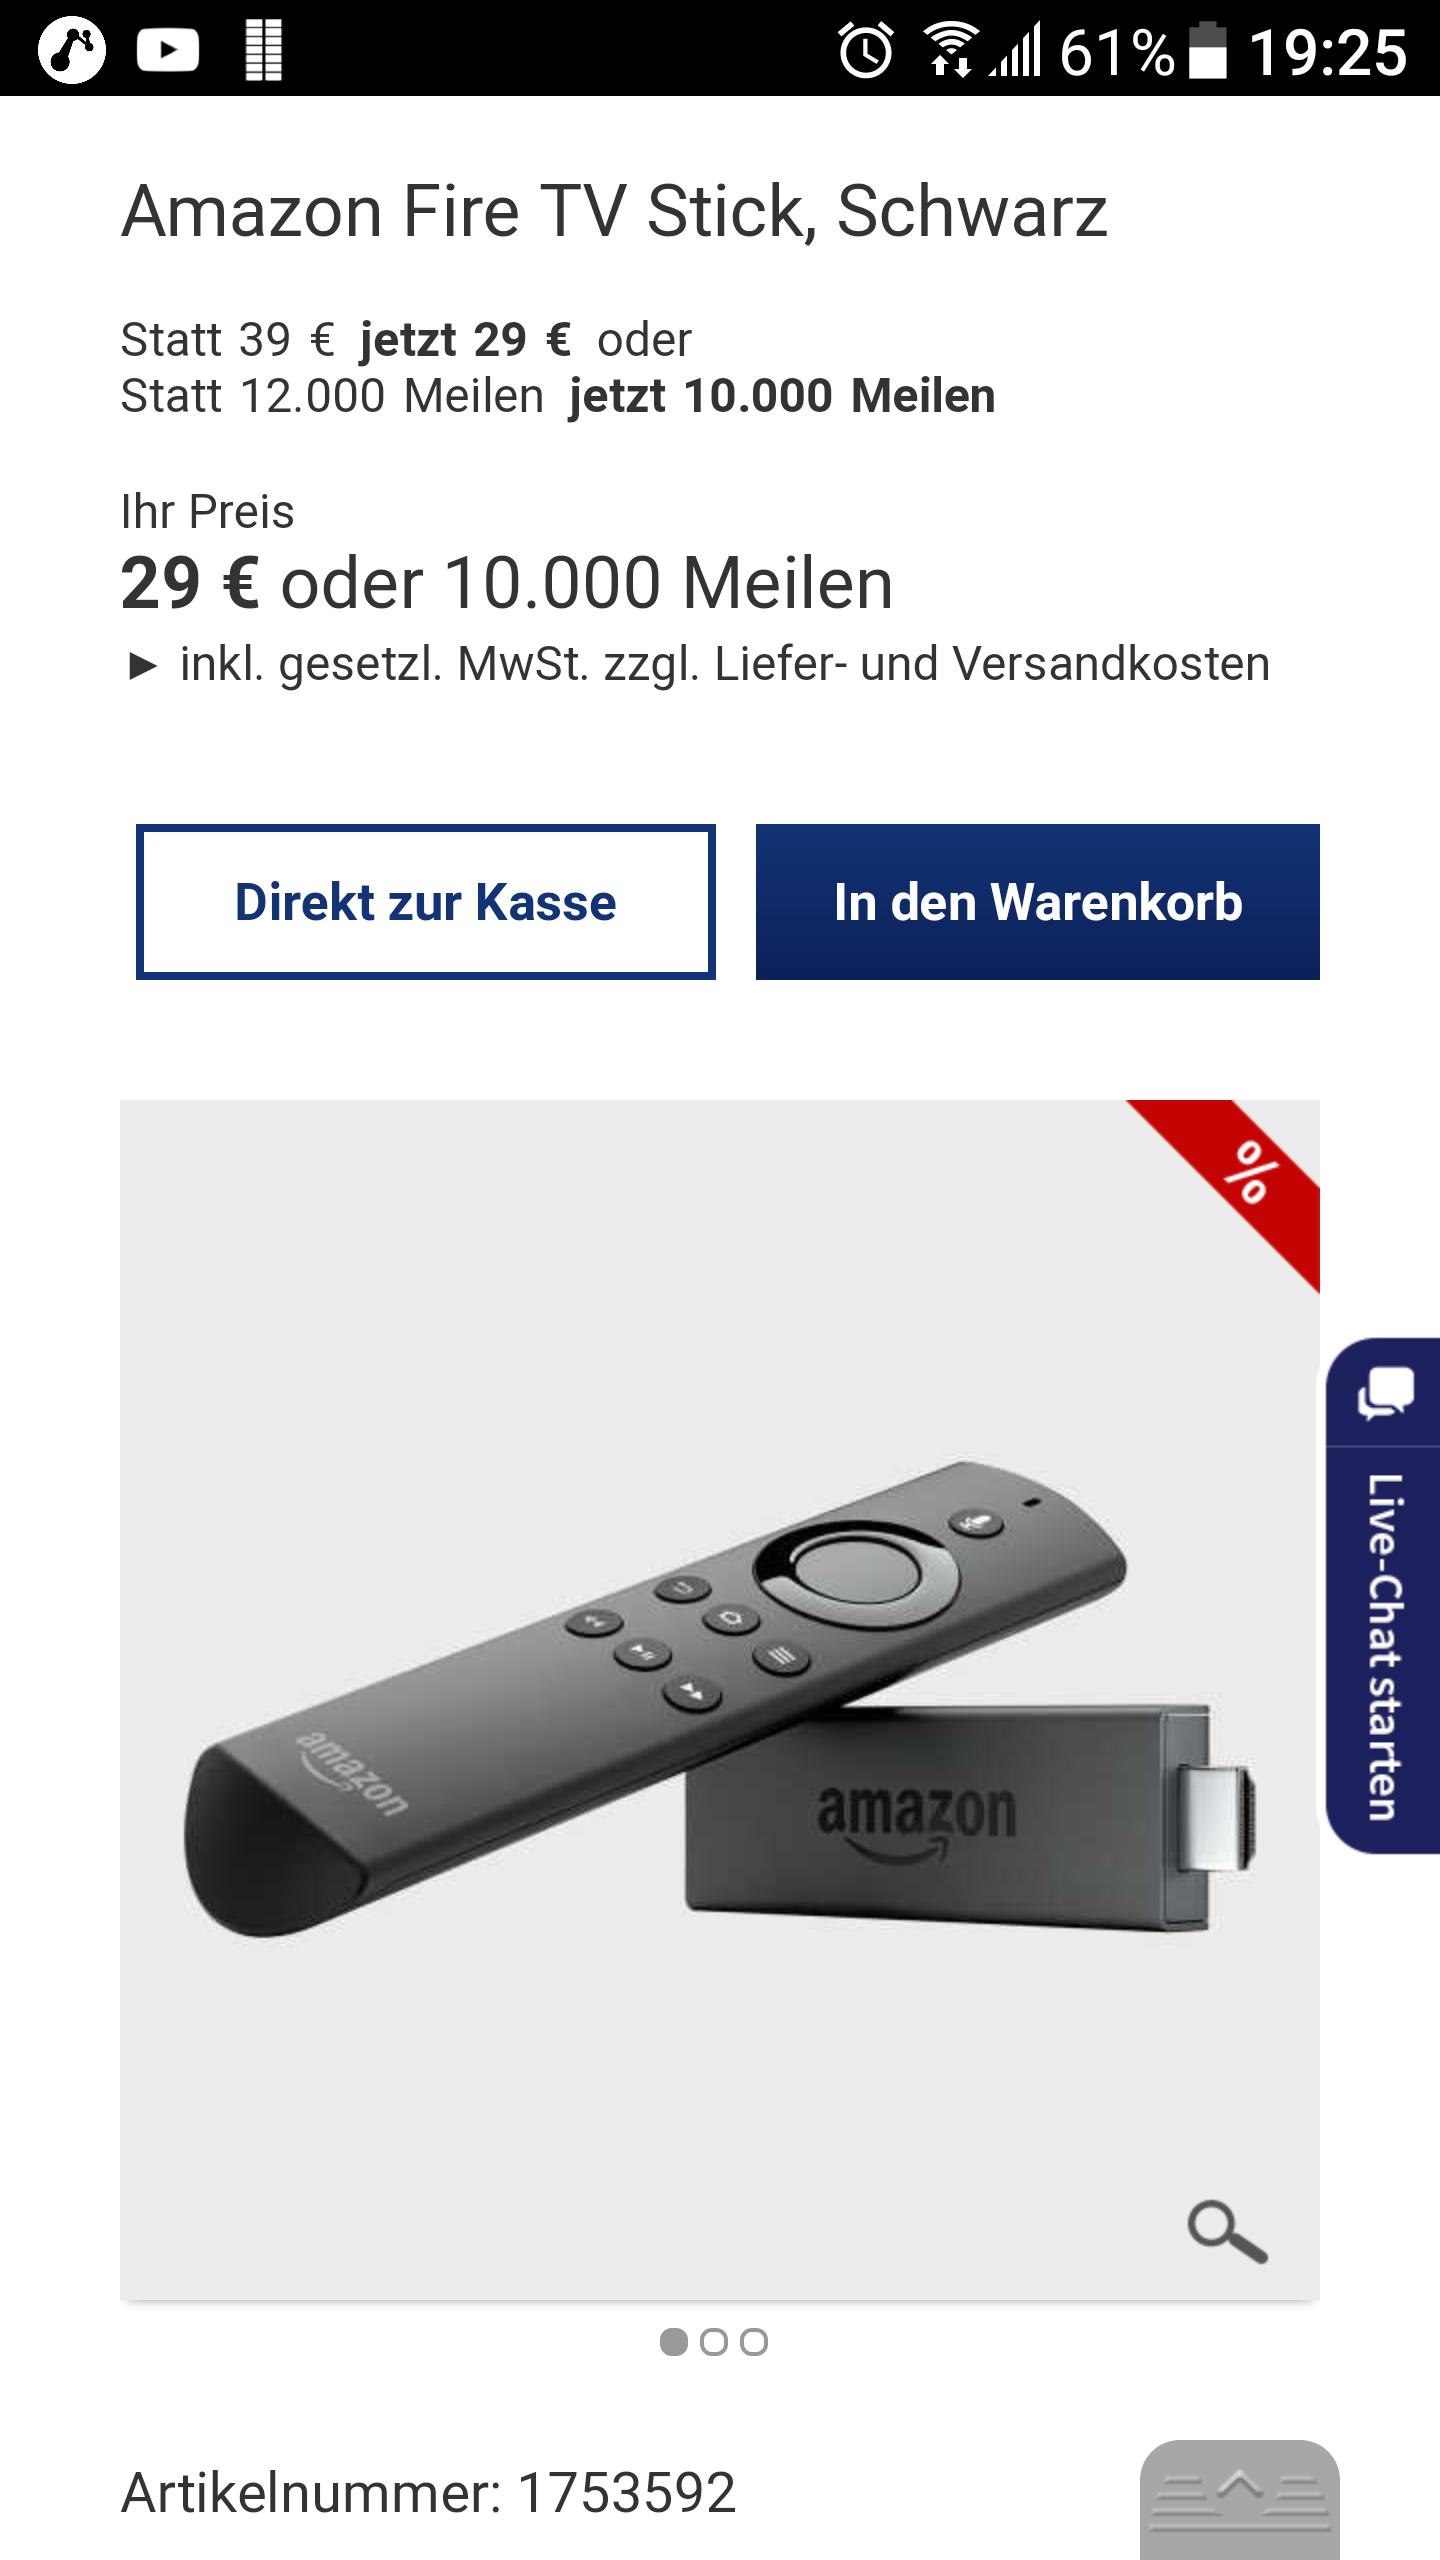 [Lufthansa Worldshop] amazon Fire TV Stick mit Alexa für 29.95 € + 5.95 € Versand (10 € Gutschein für Newsletter Anmeldung)